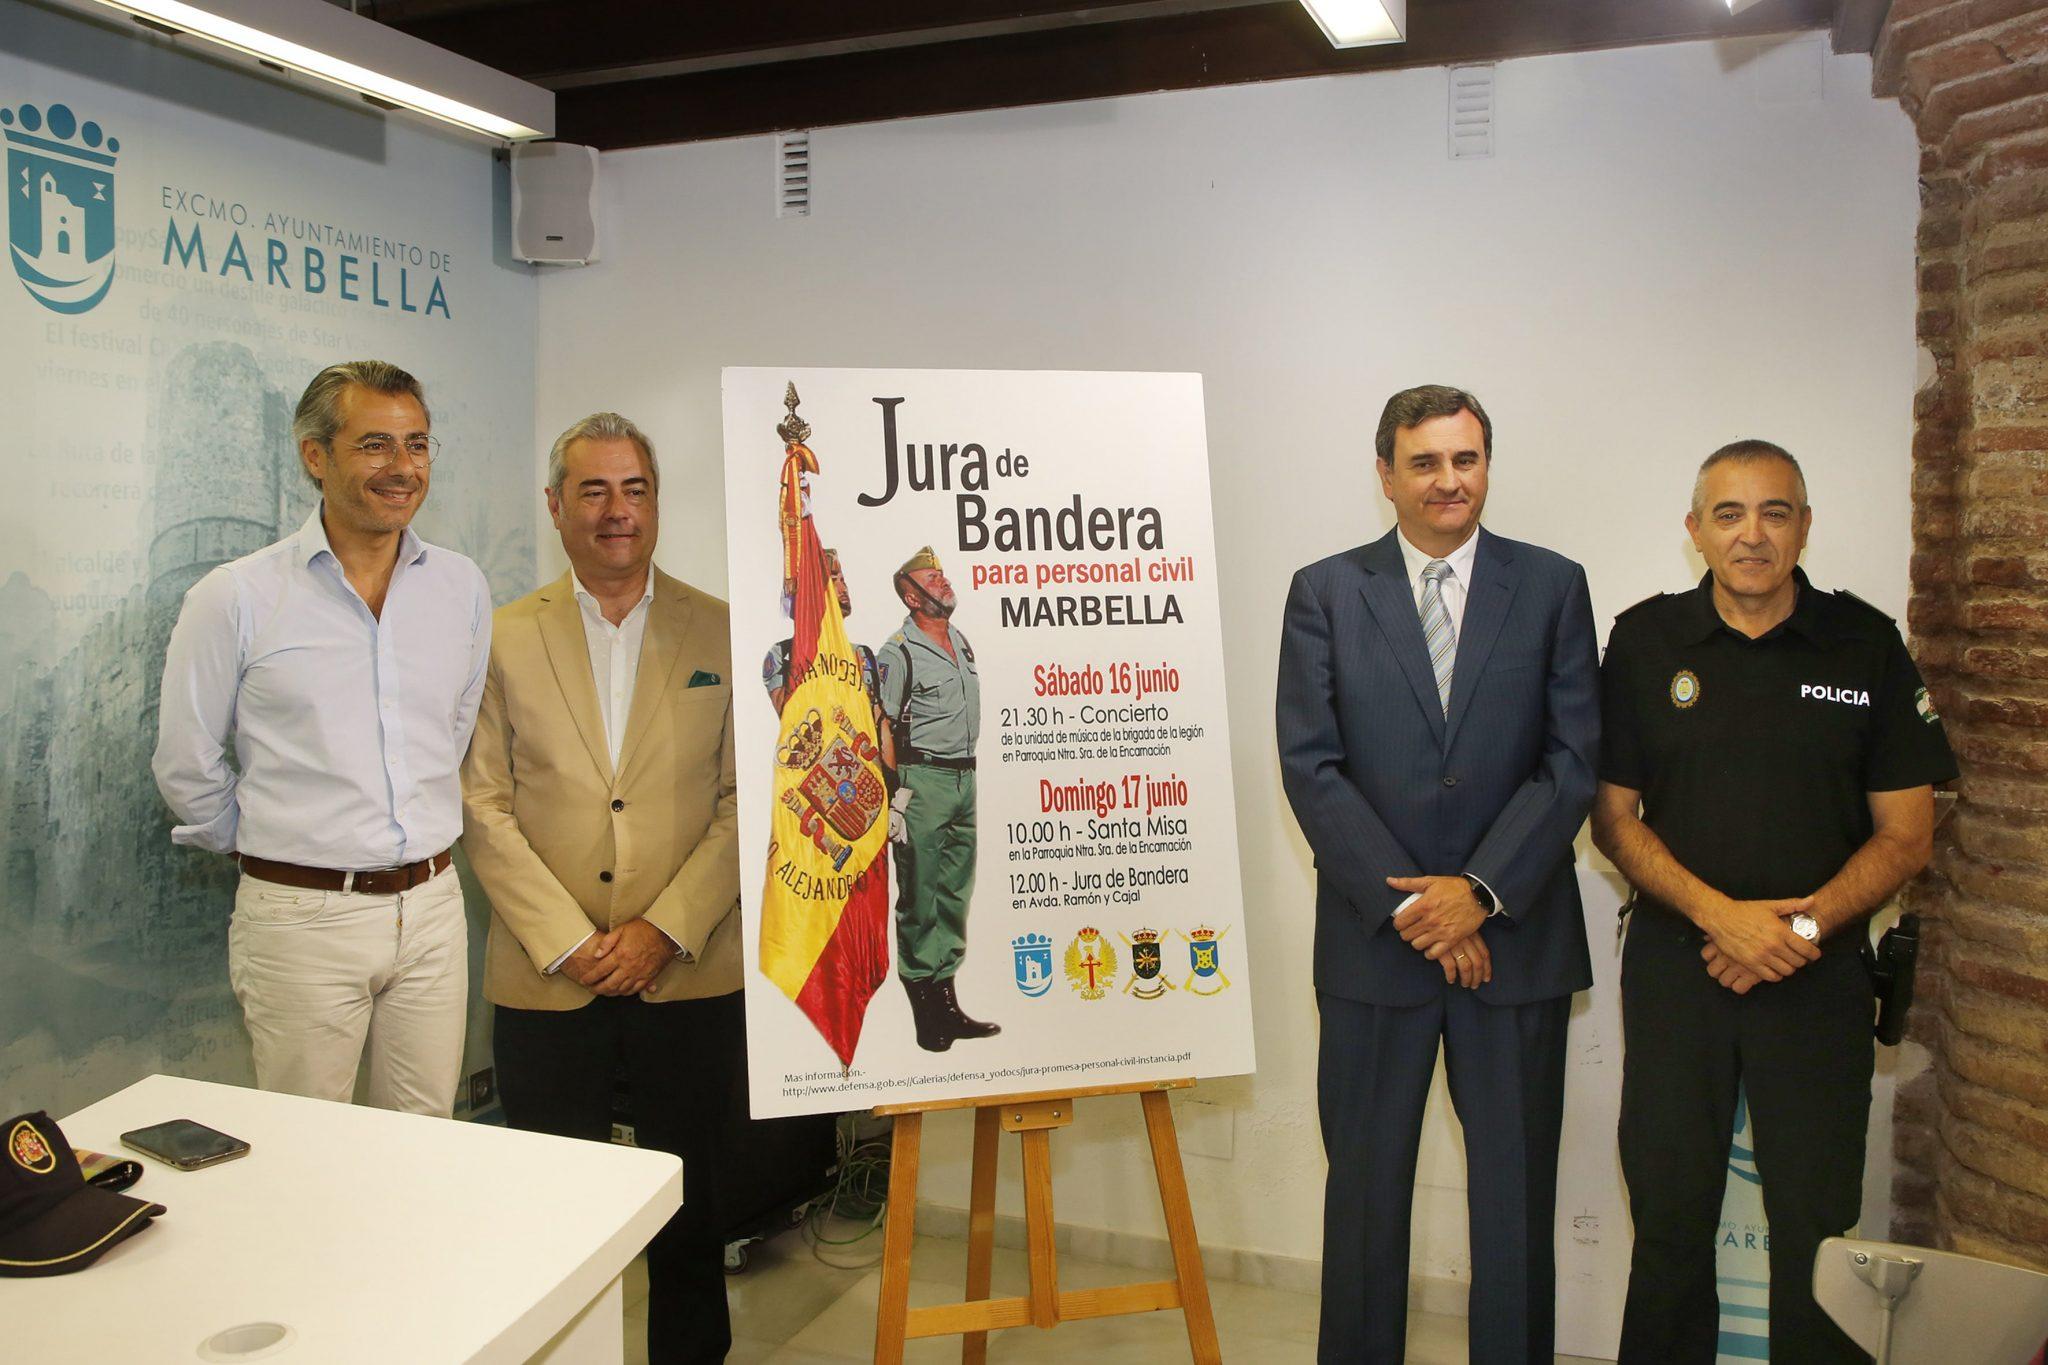 Se prevé la participación de 700 personas en la primera Jura de Bandera Civil en Marbella